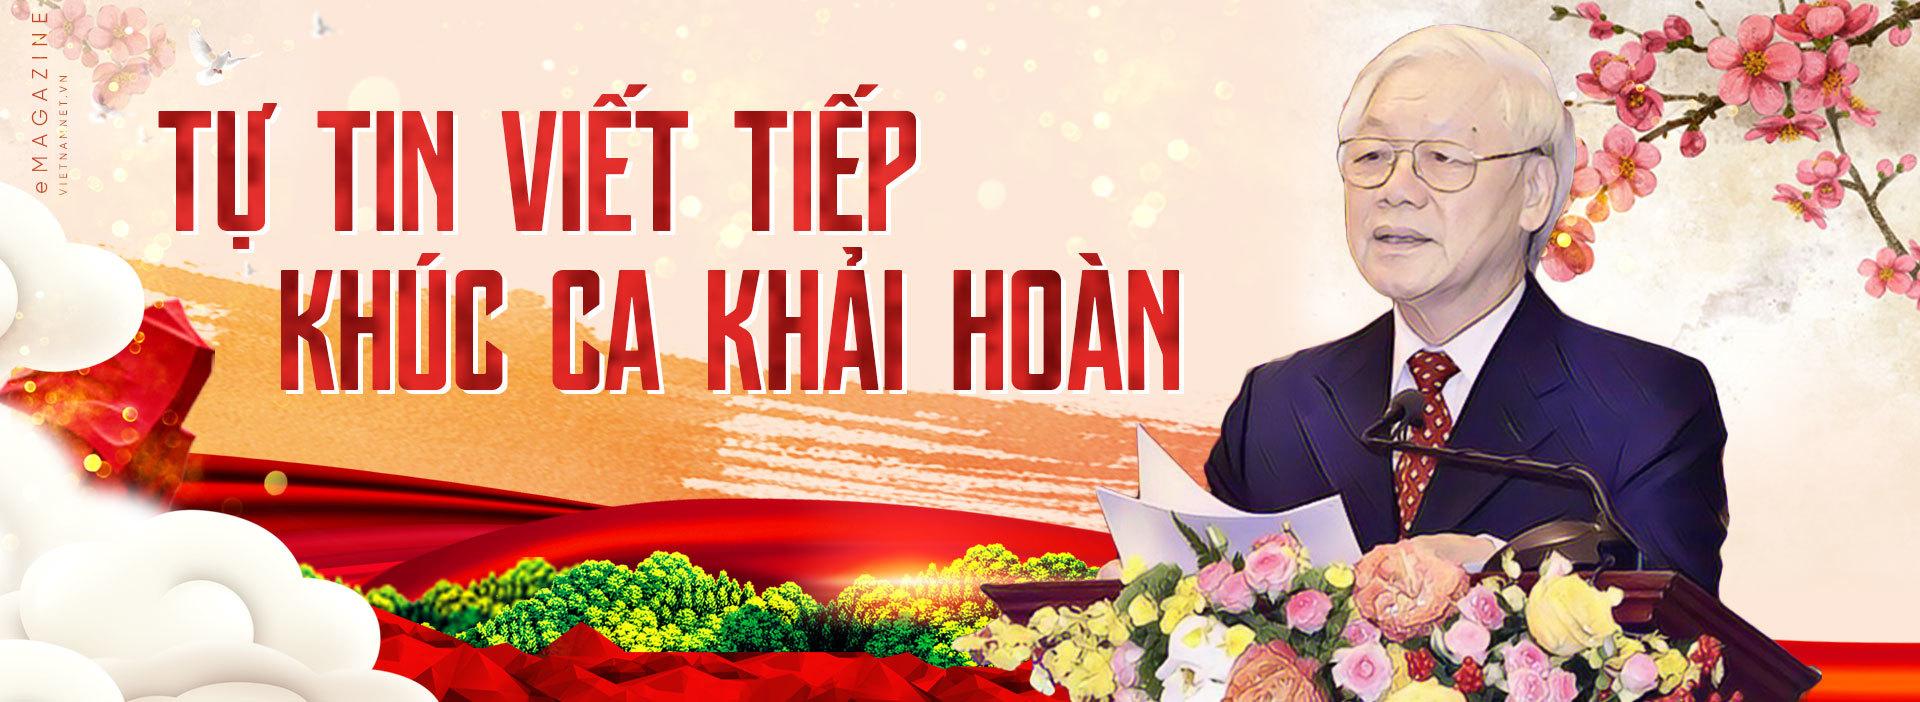 Tổng bí thư,Nguyễn Phú Trọng,Thủ tướng,Nguyễn Xuân Phúc,Vân Thiêng